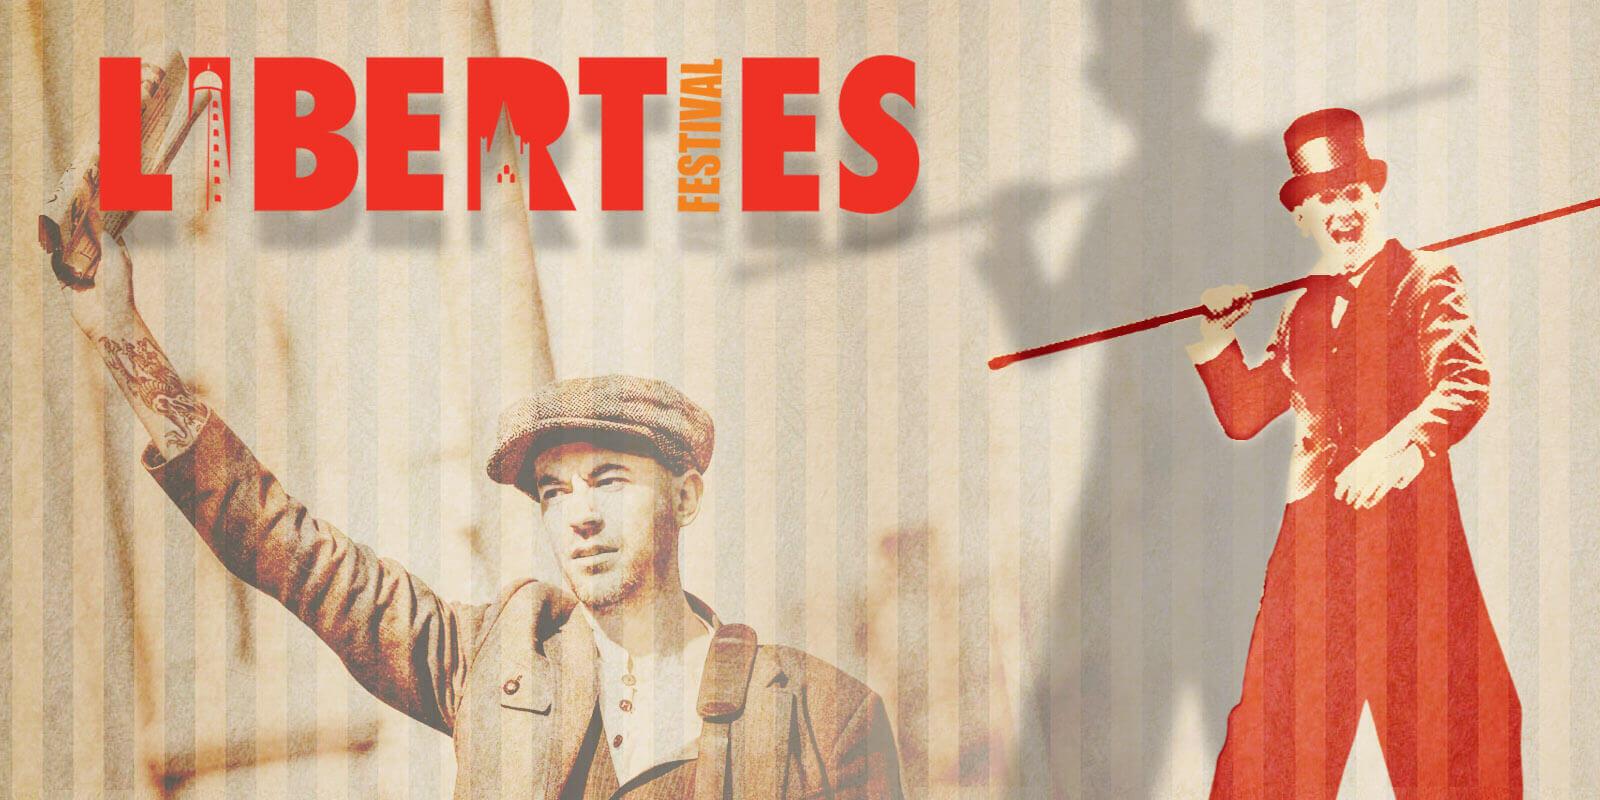 Liberties Festival